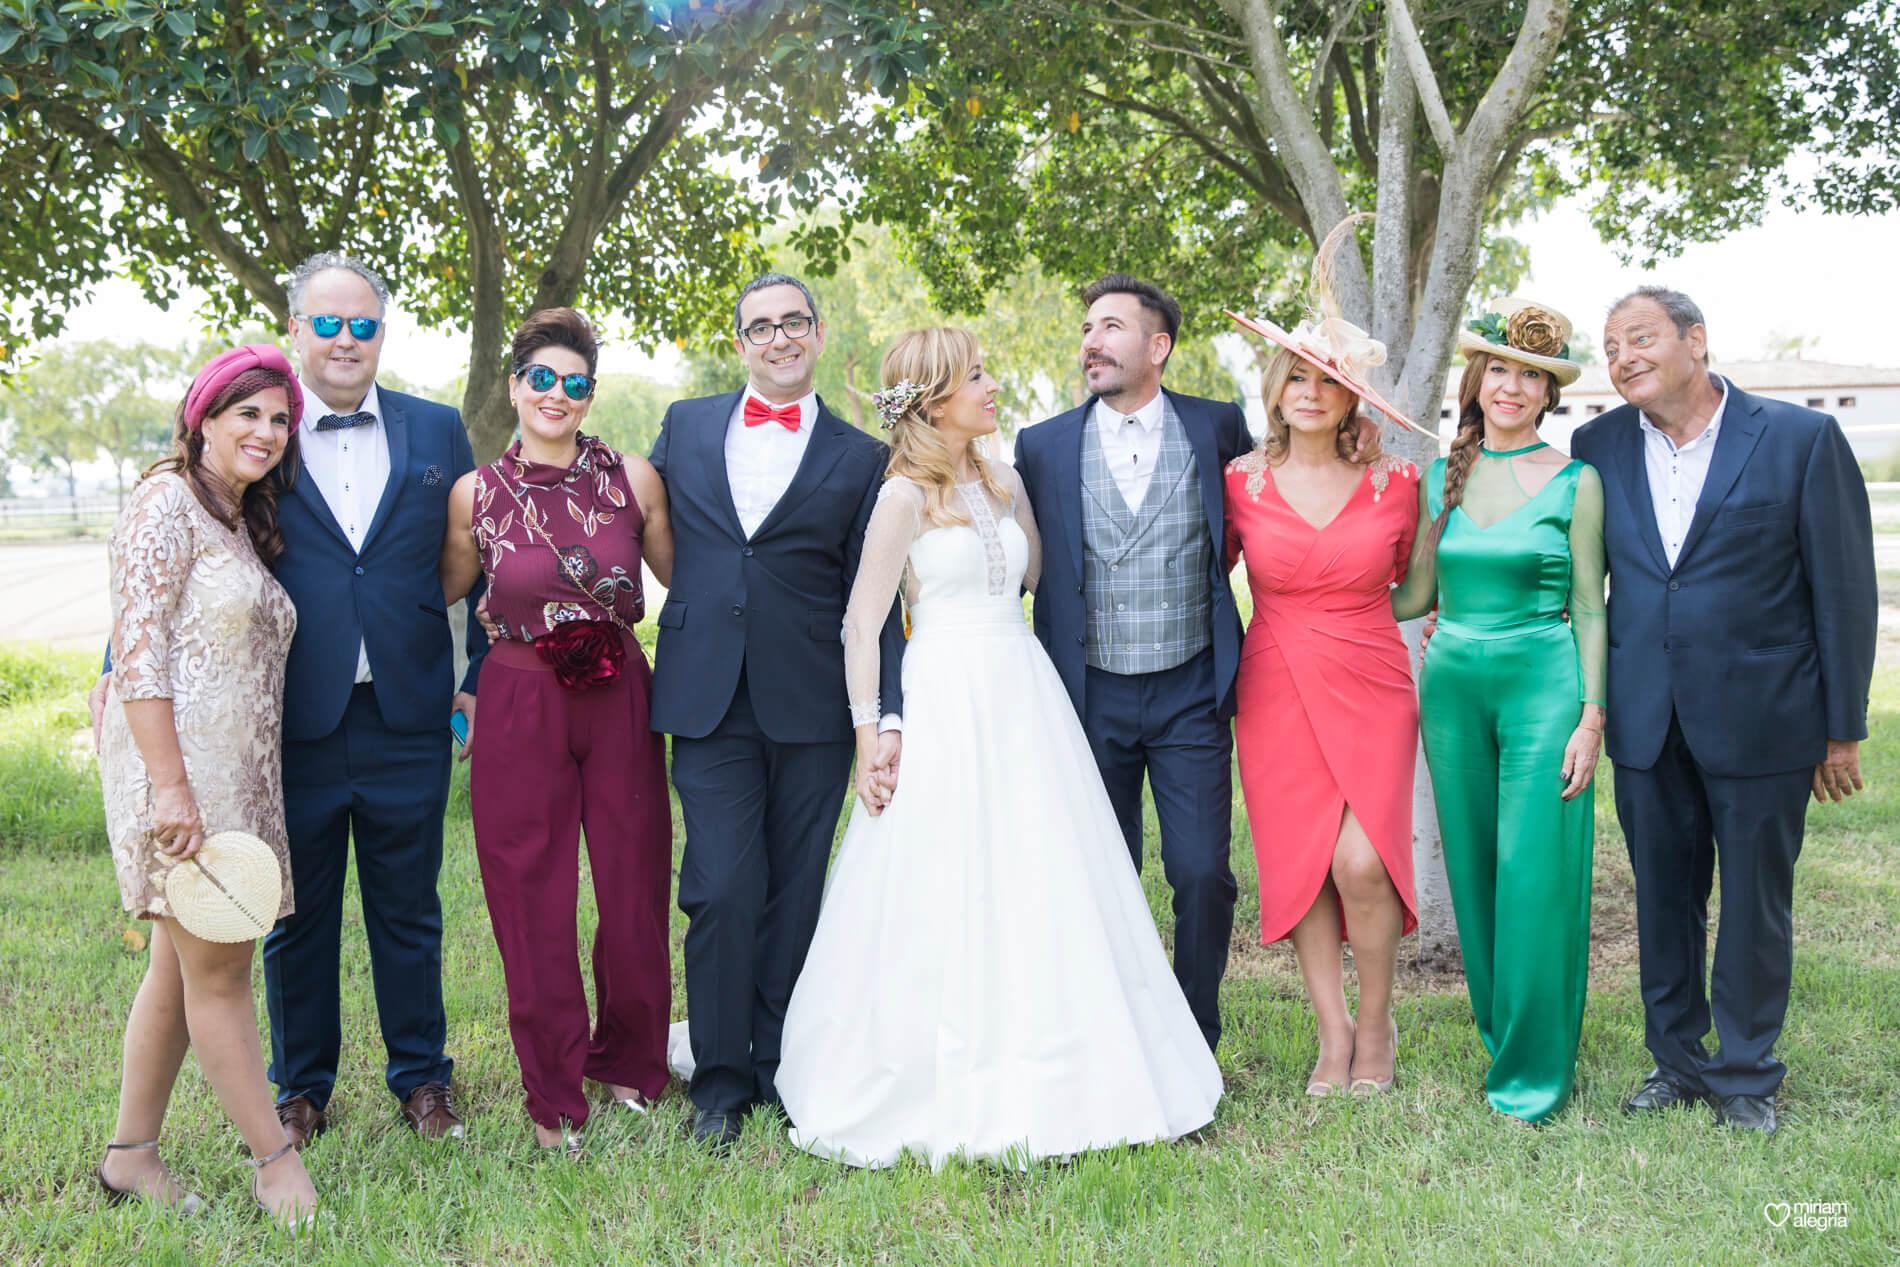 boda-en-finca-villa-vera-de-alemc7-miriam-alegria-fotografos-boda-murcia-140